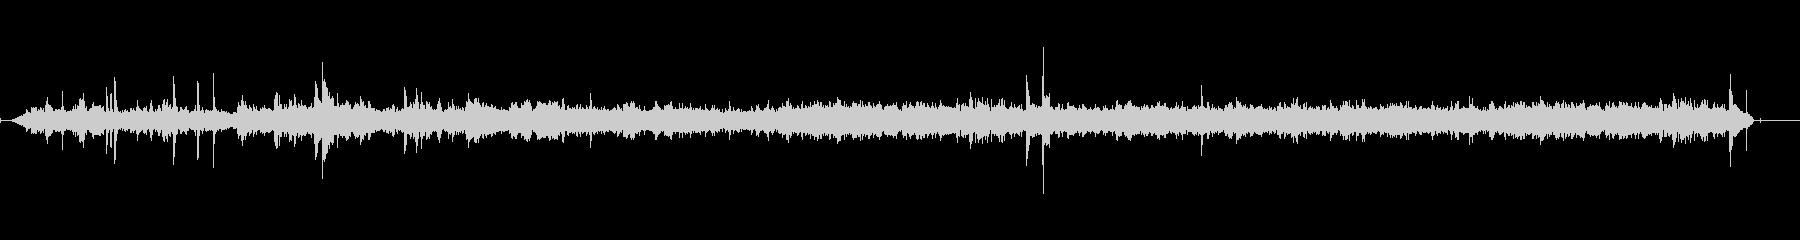 ファーストフードレストラン-声1の未再生の波形